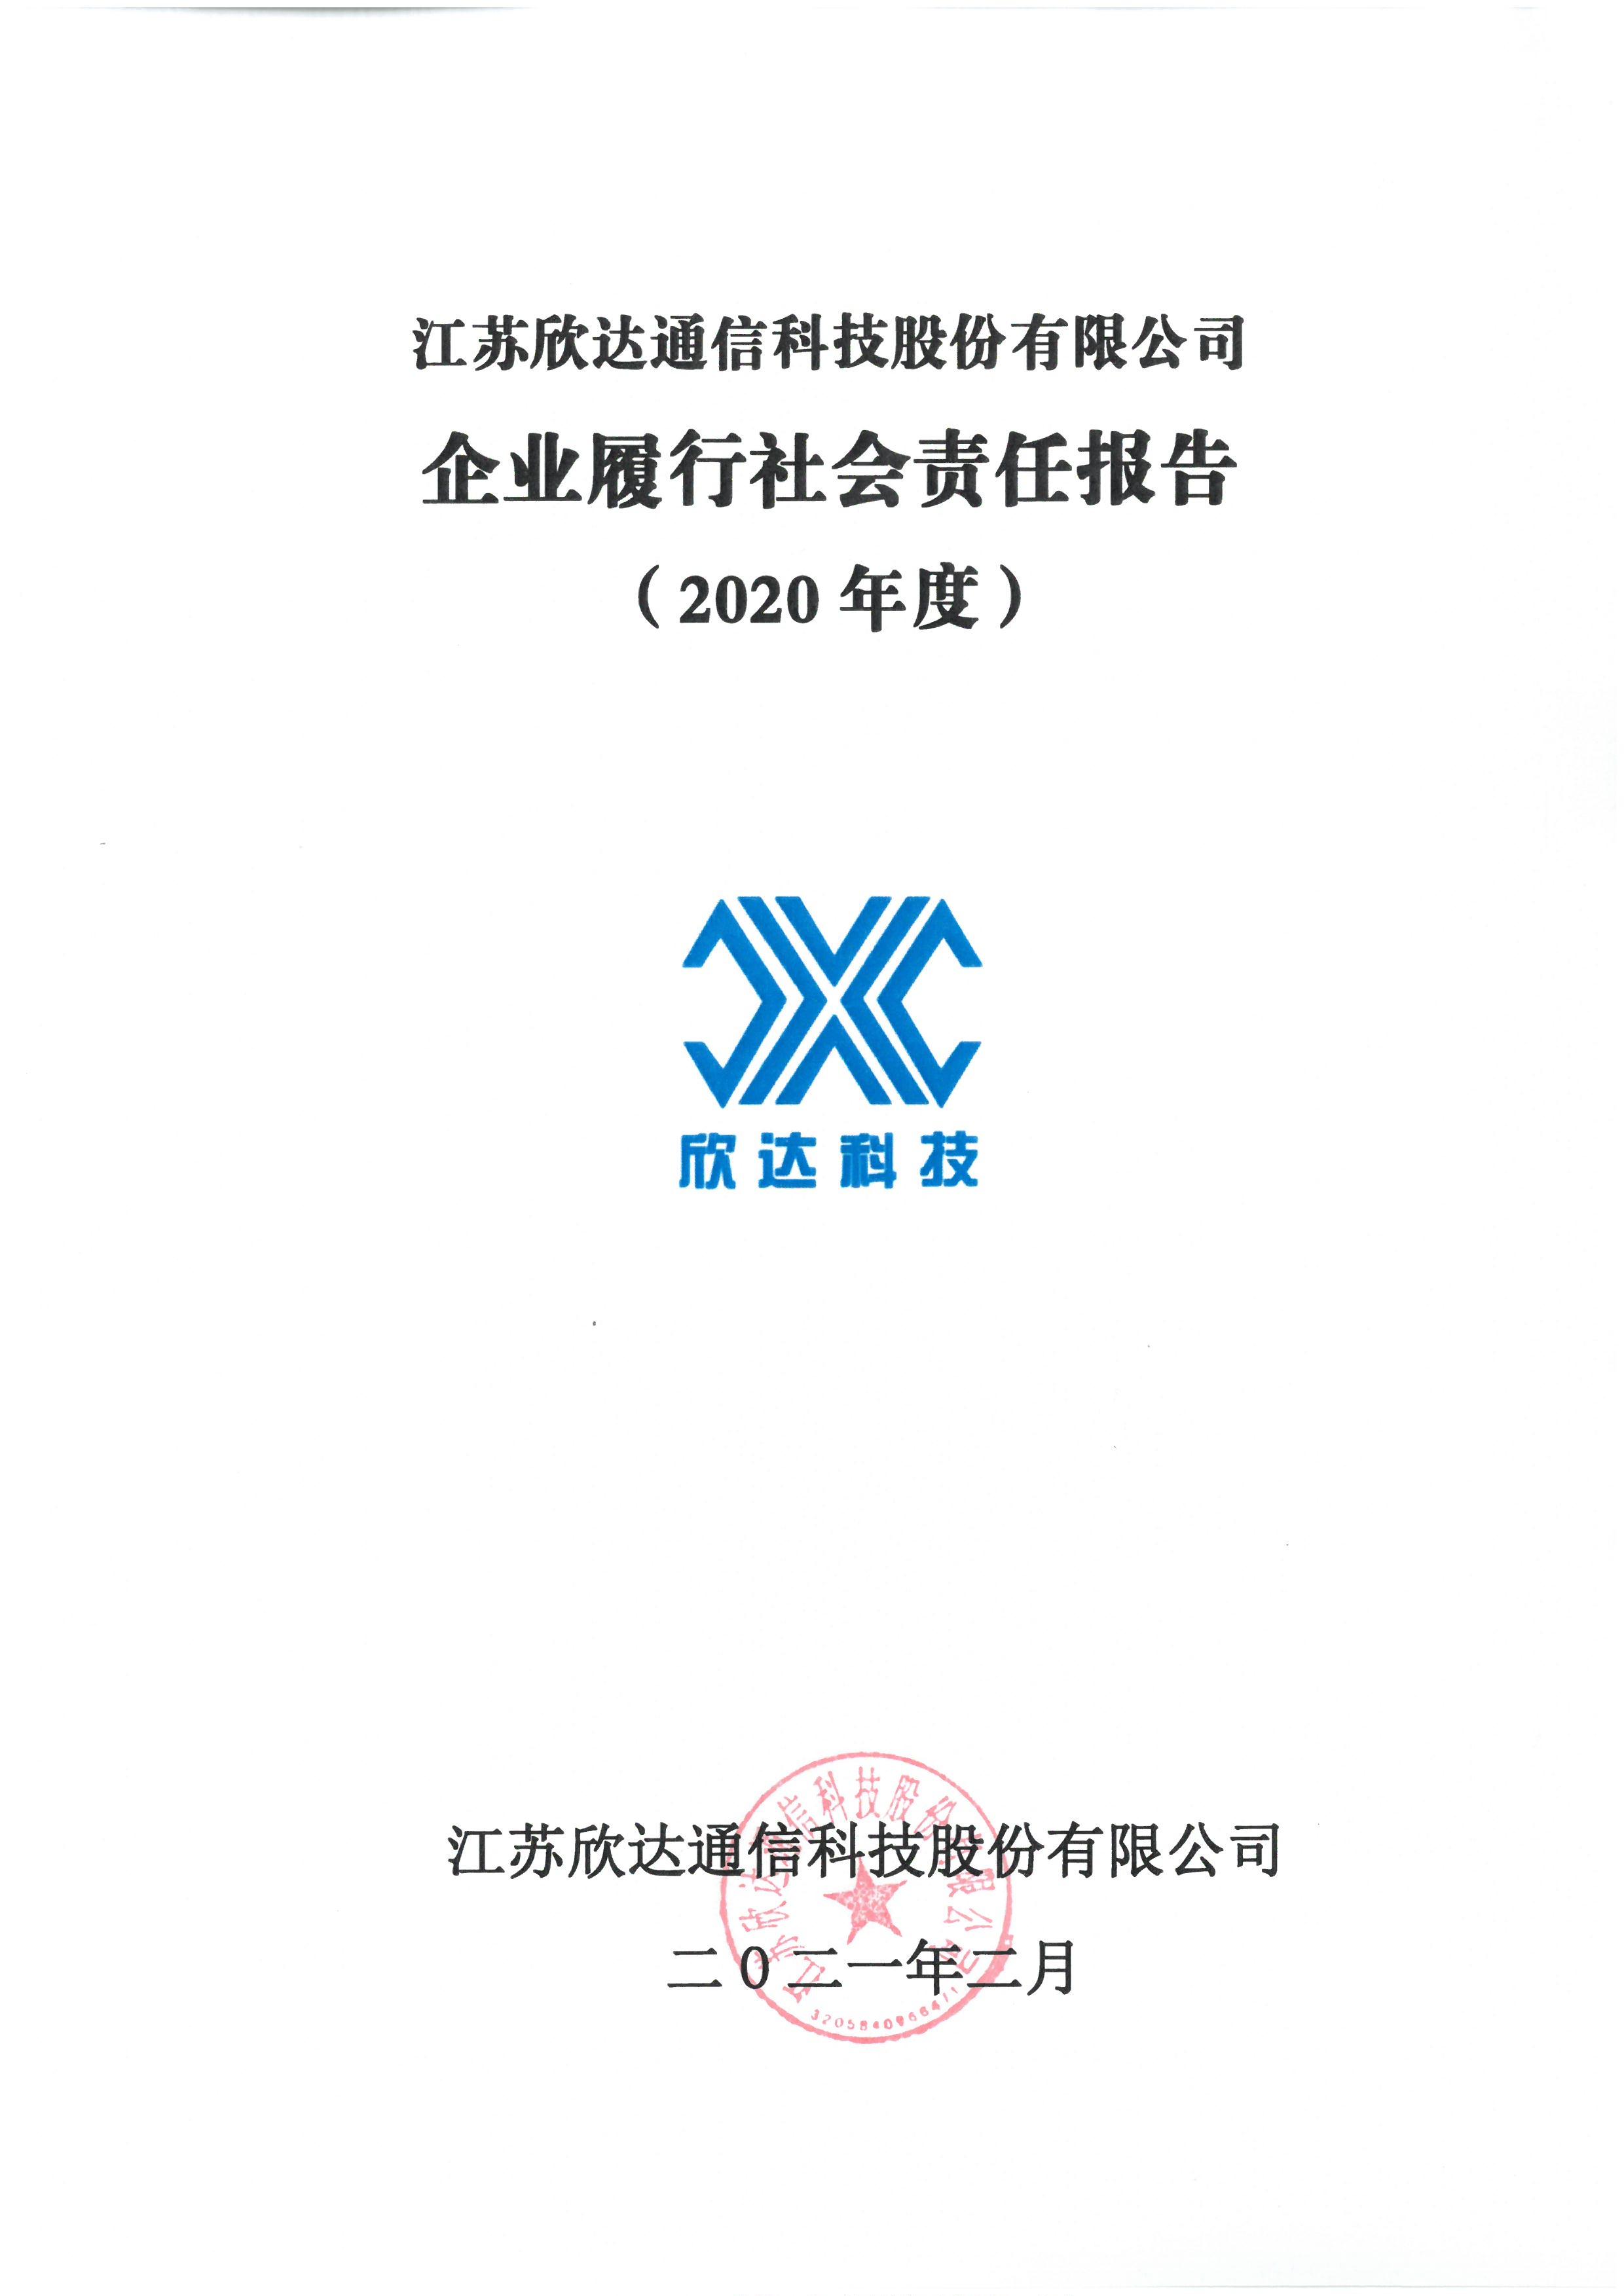 公司2020年度社会责任报告.jpg